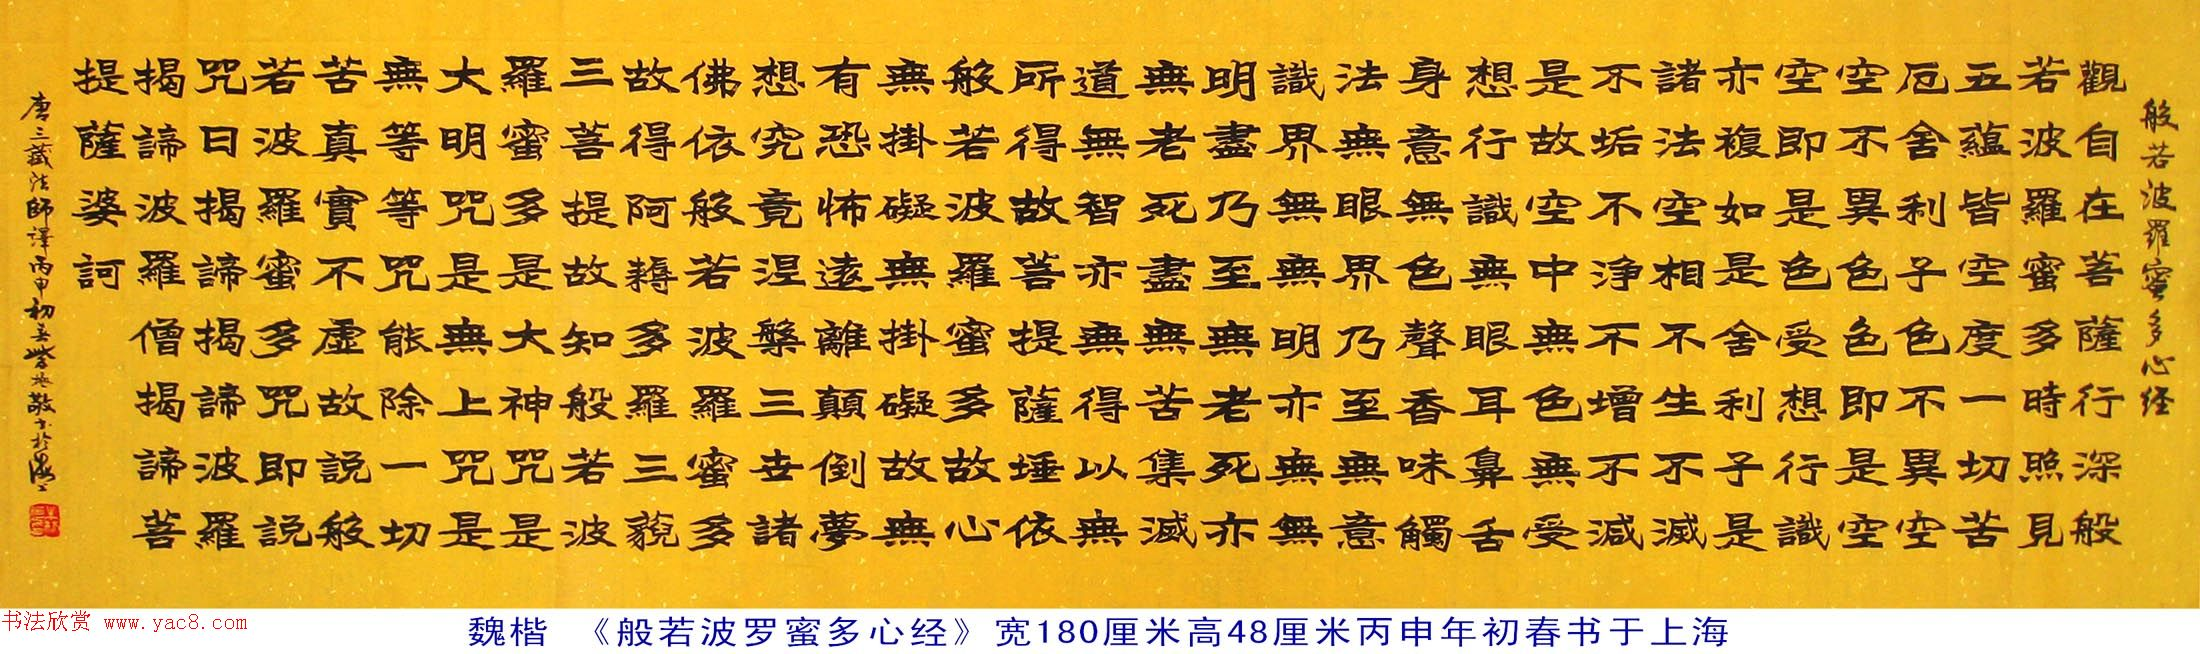 朱林惠书法心经作品6幅